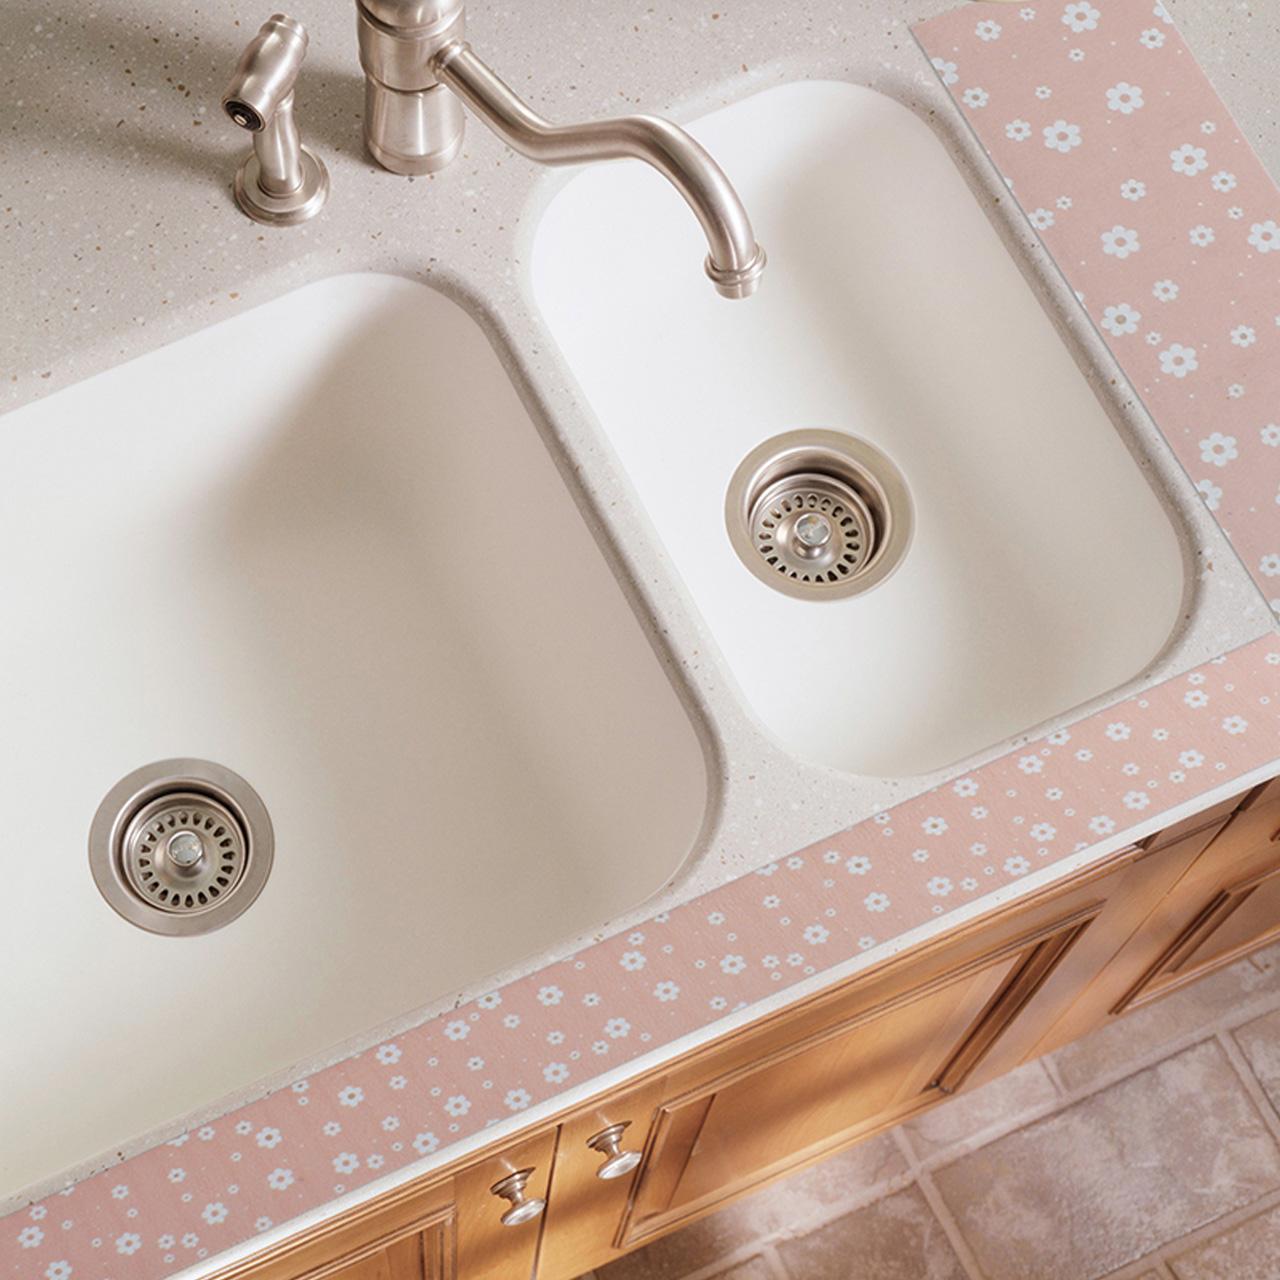 厨房水槽防水贴自粘洗菜盆吸水贴卫生间台面马桶吸湿浴室玻璃贴纸